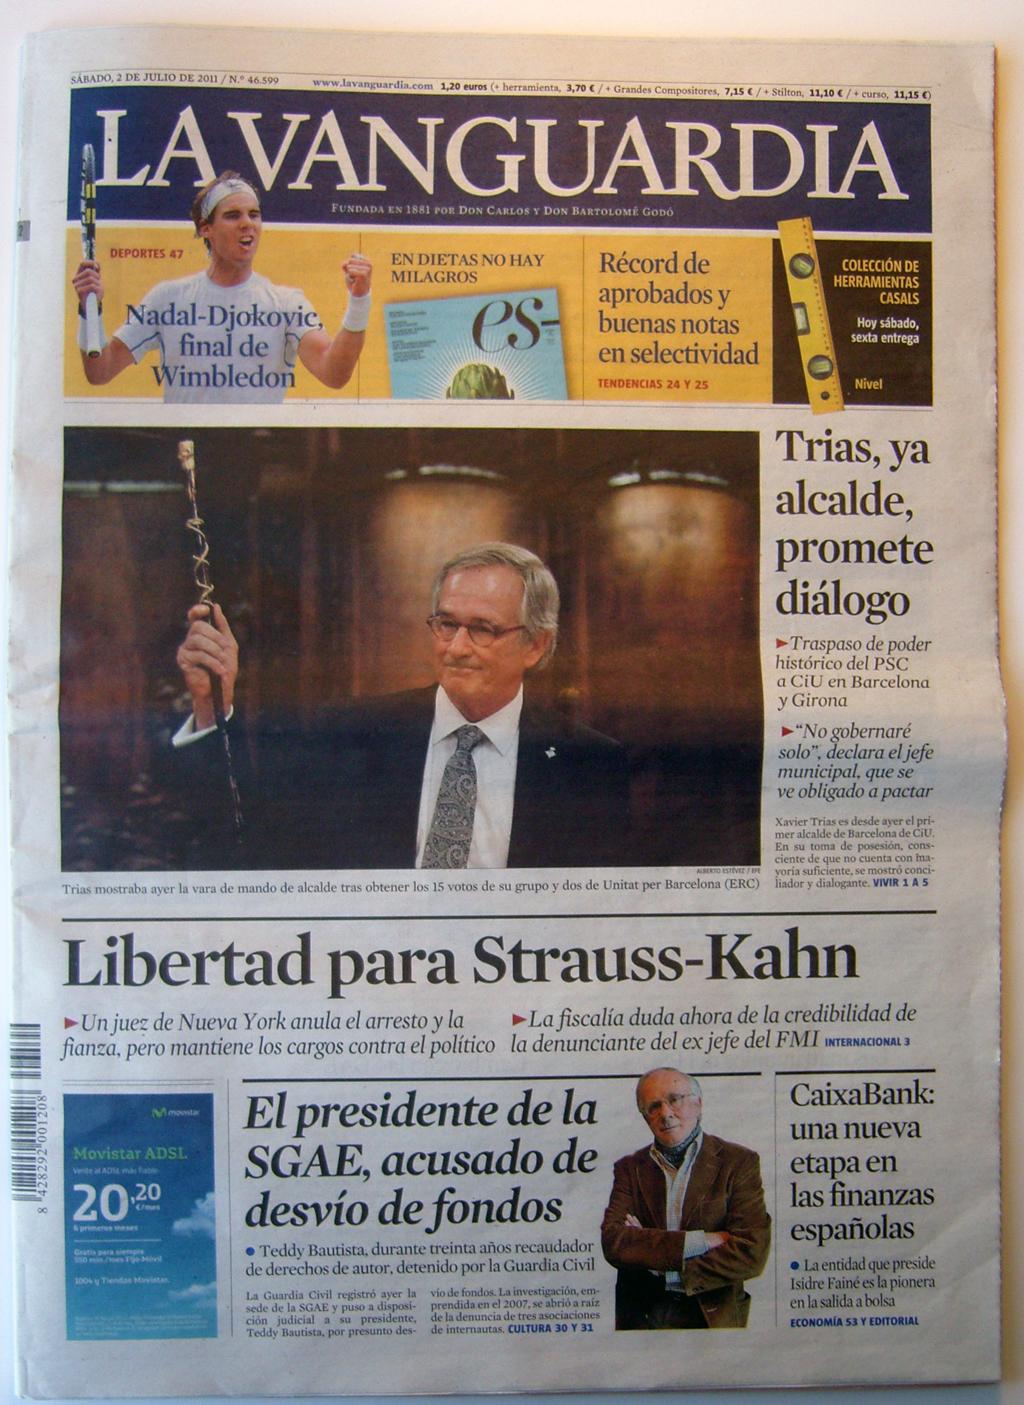 La Vanguardia 02-07-2011